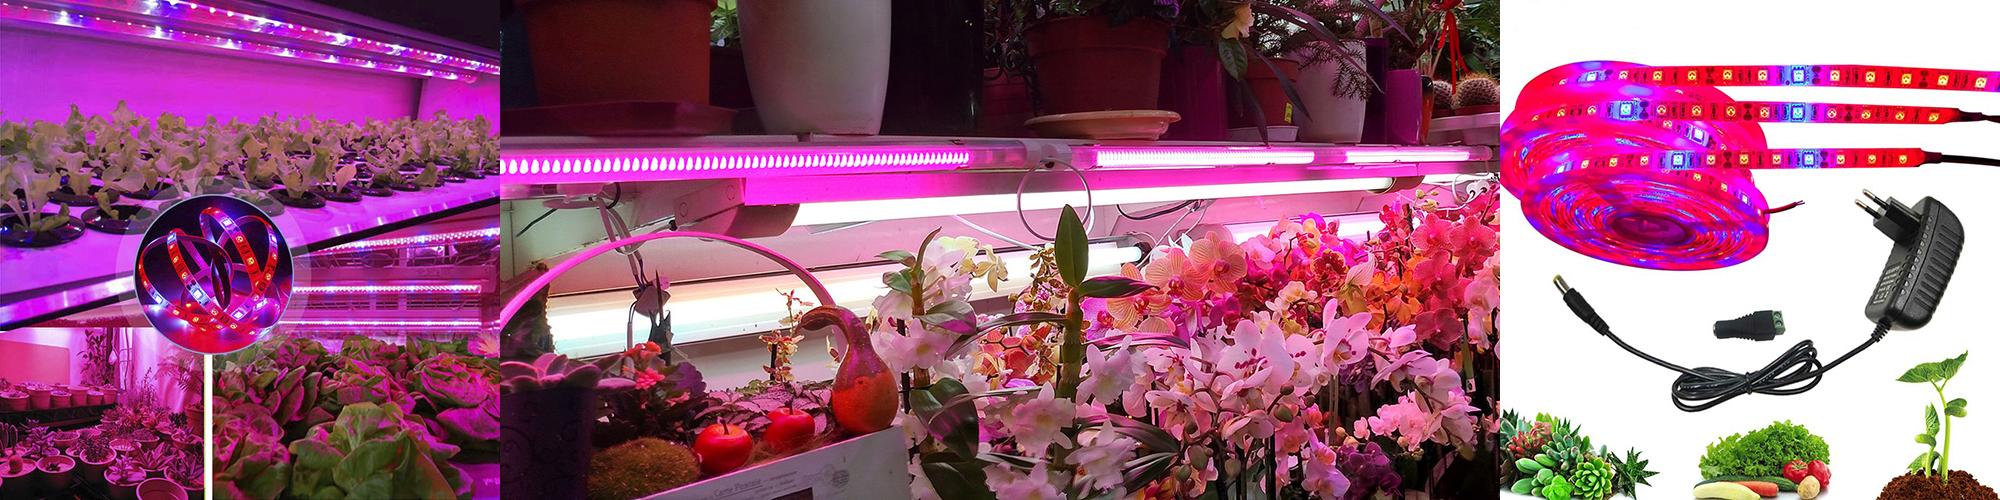 Светодиодные фитоленты для растений